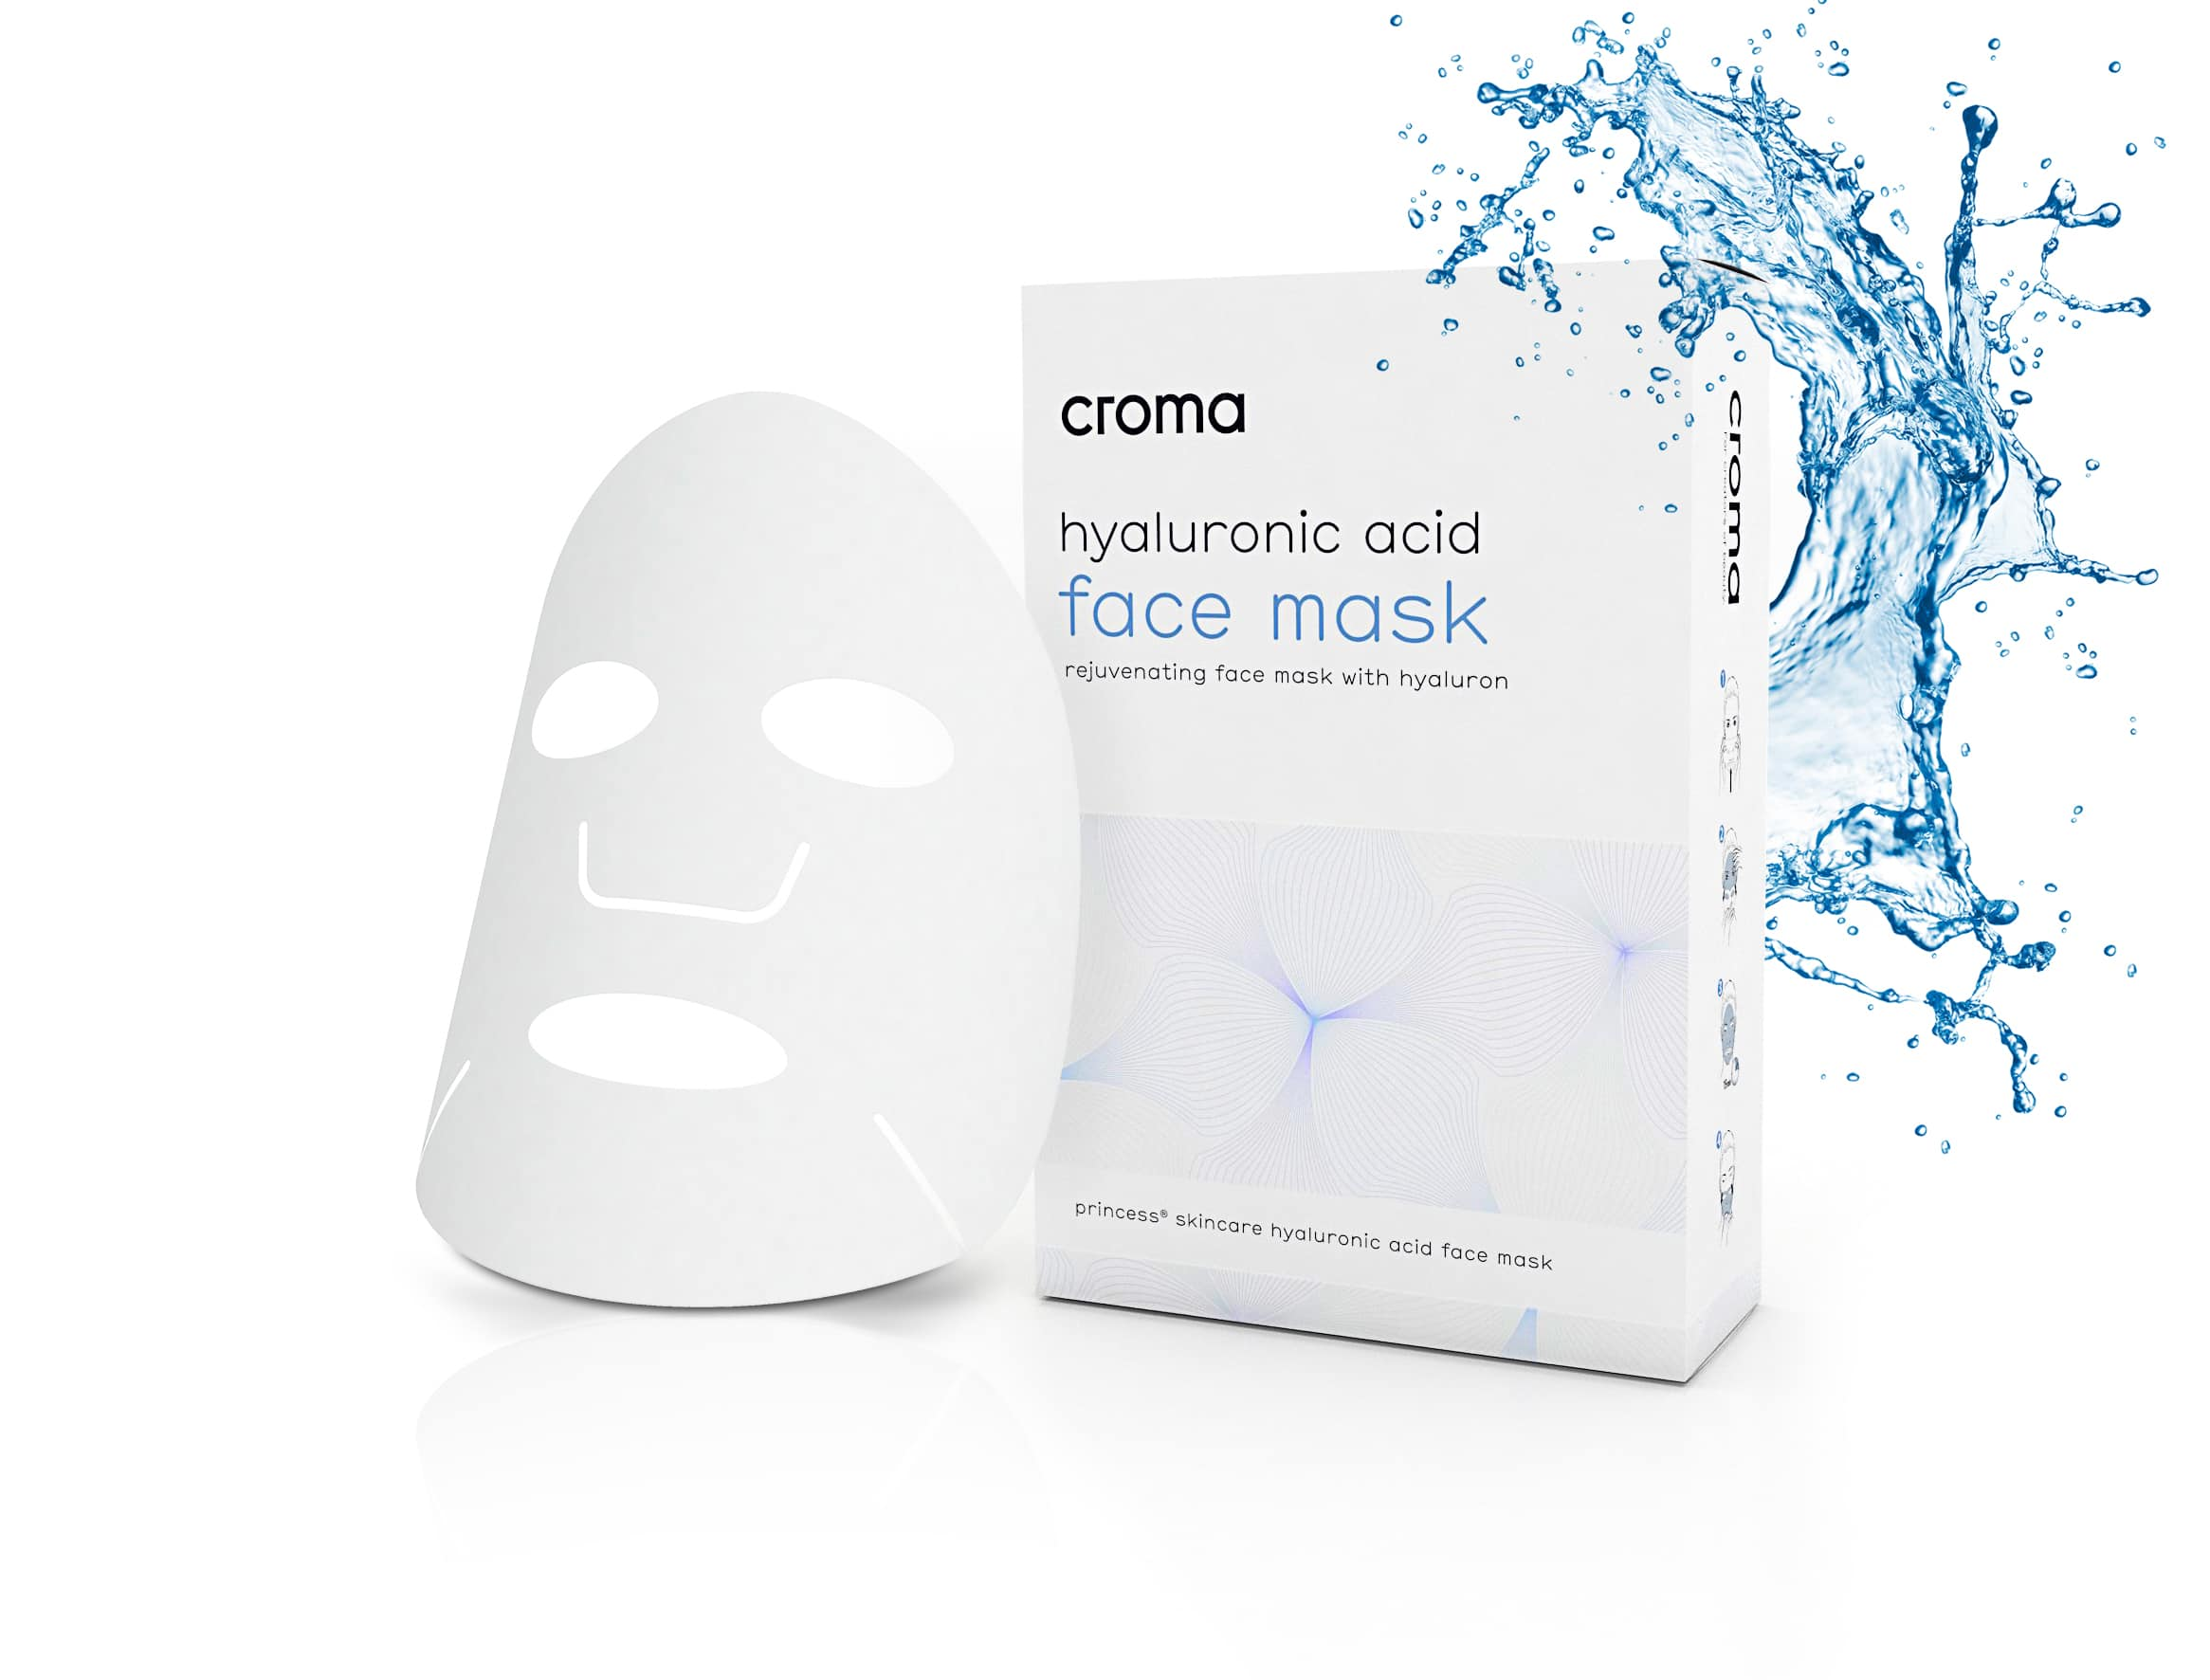 Hautverjüngende Gesichtsmaske mit Hyaluron